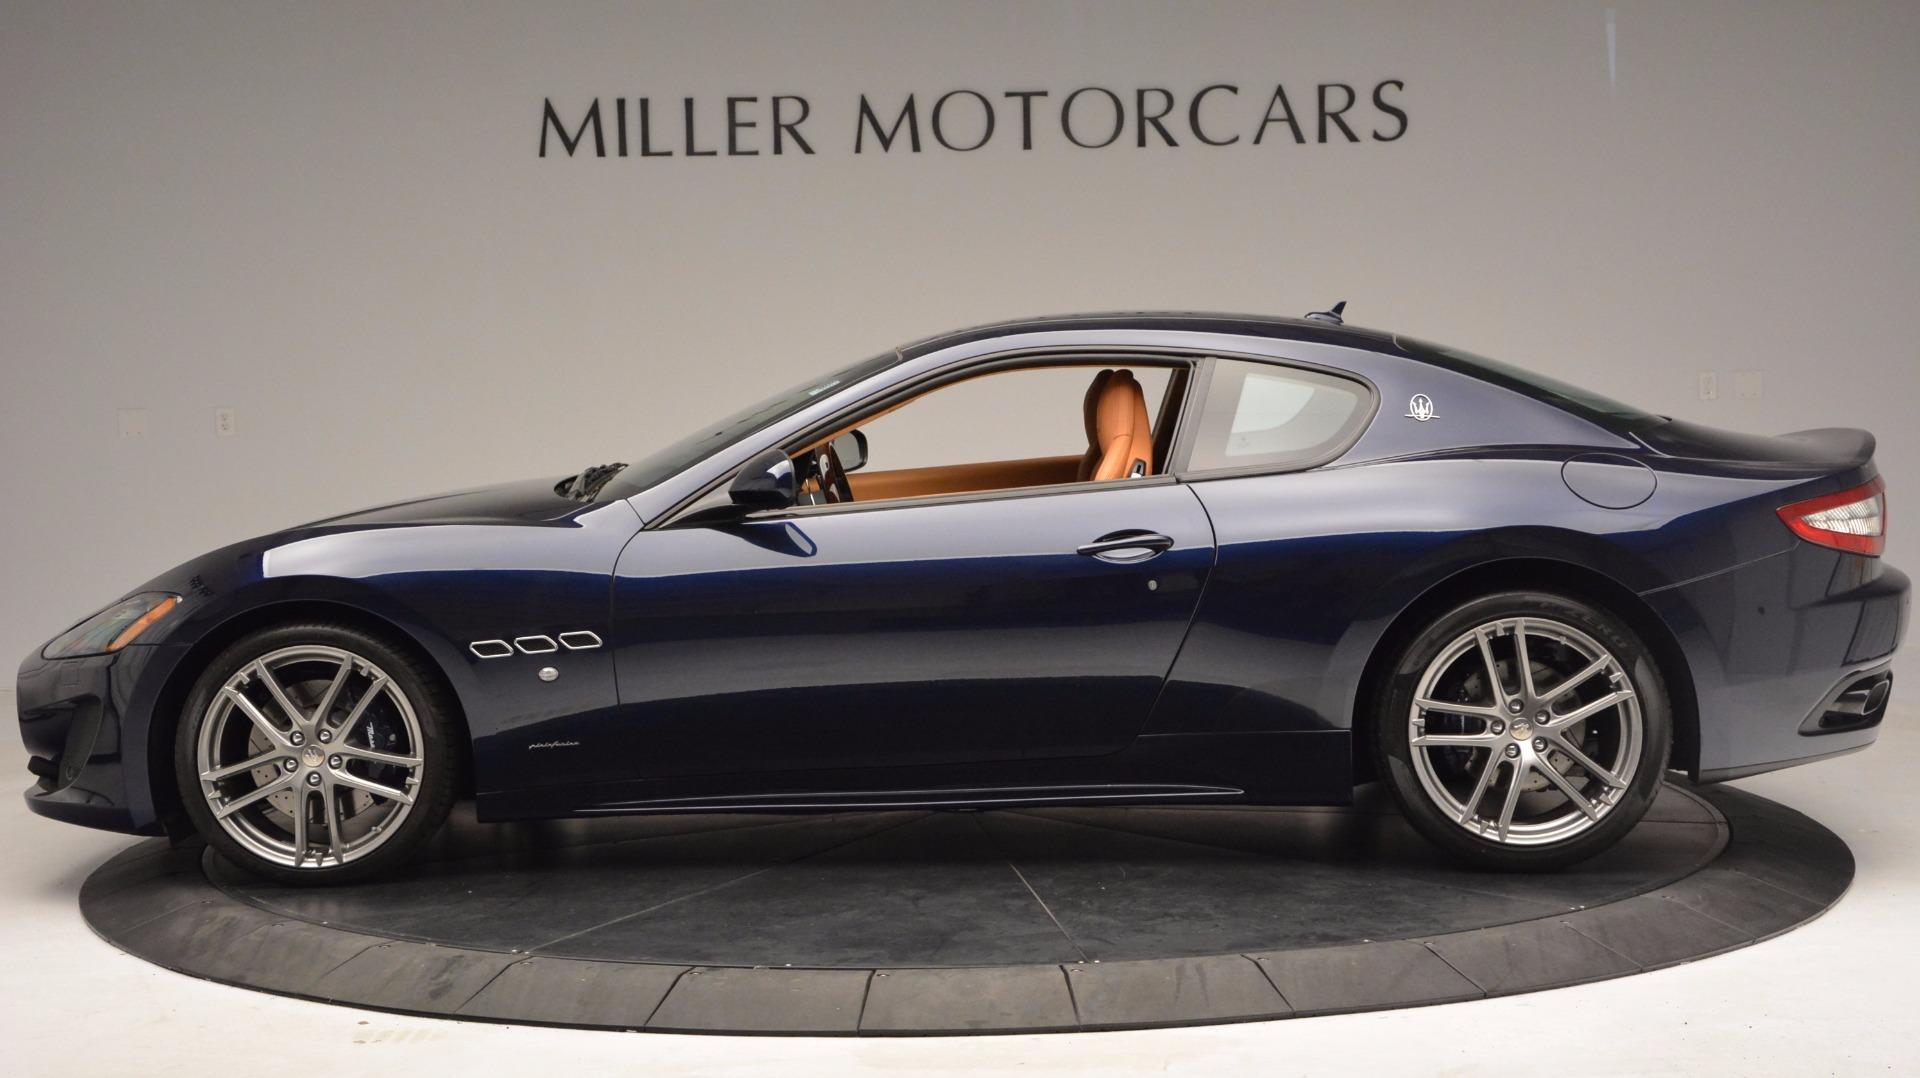 New 2017 Maserati GranTurismo Coupe Sport For Sale In Greenwich, CT 1295_p3